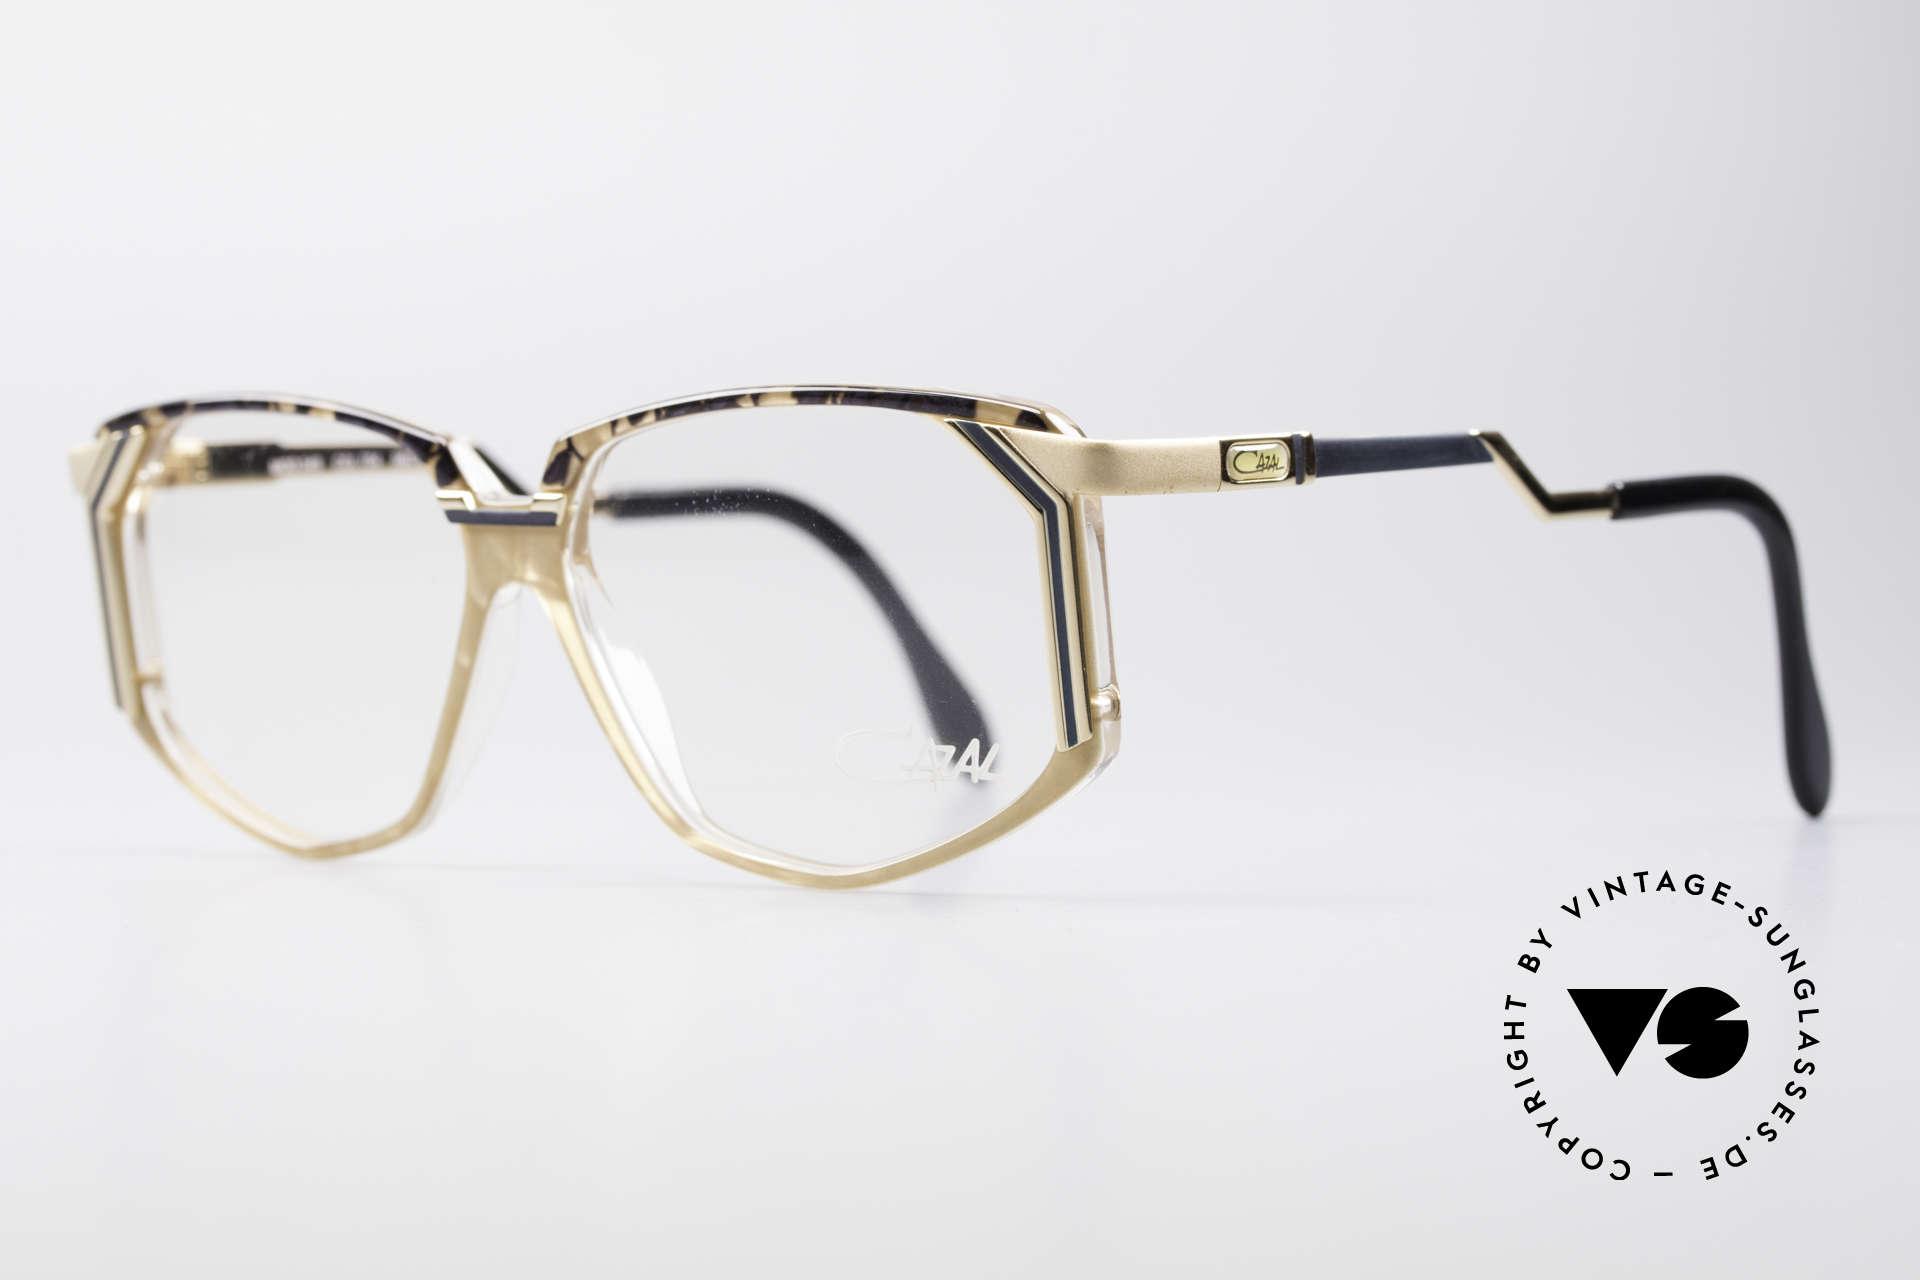 Cazal 346 Hip Hop Vintage Designer Brille, damals fester Bestandteil der amerik. Hip-Hop-Szene, Passend für Herren und Damen